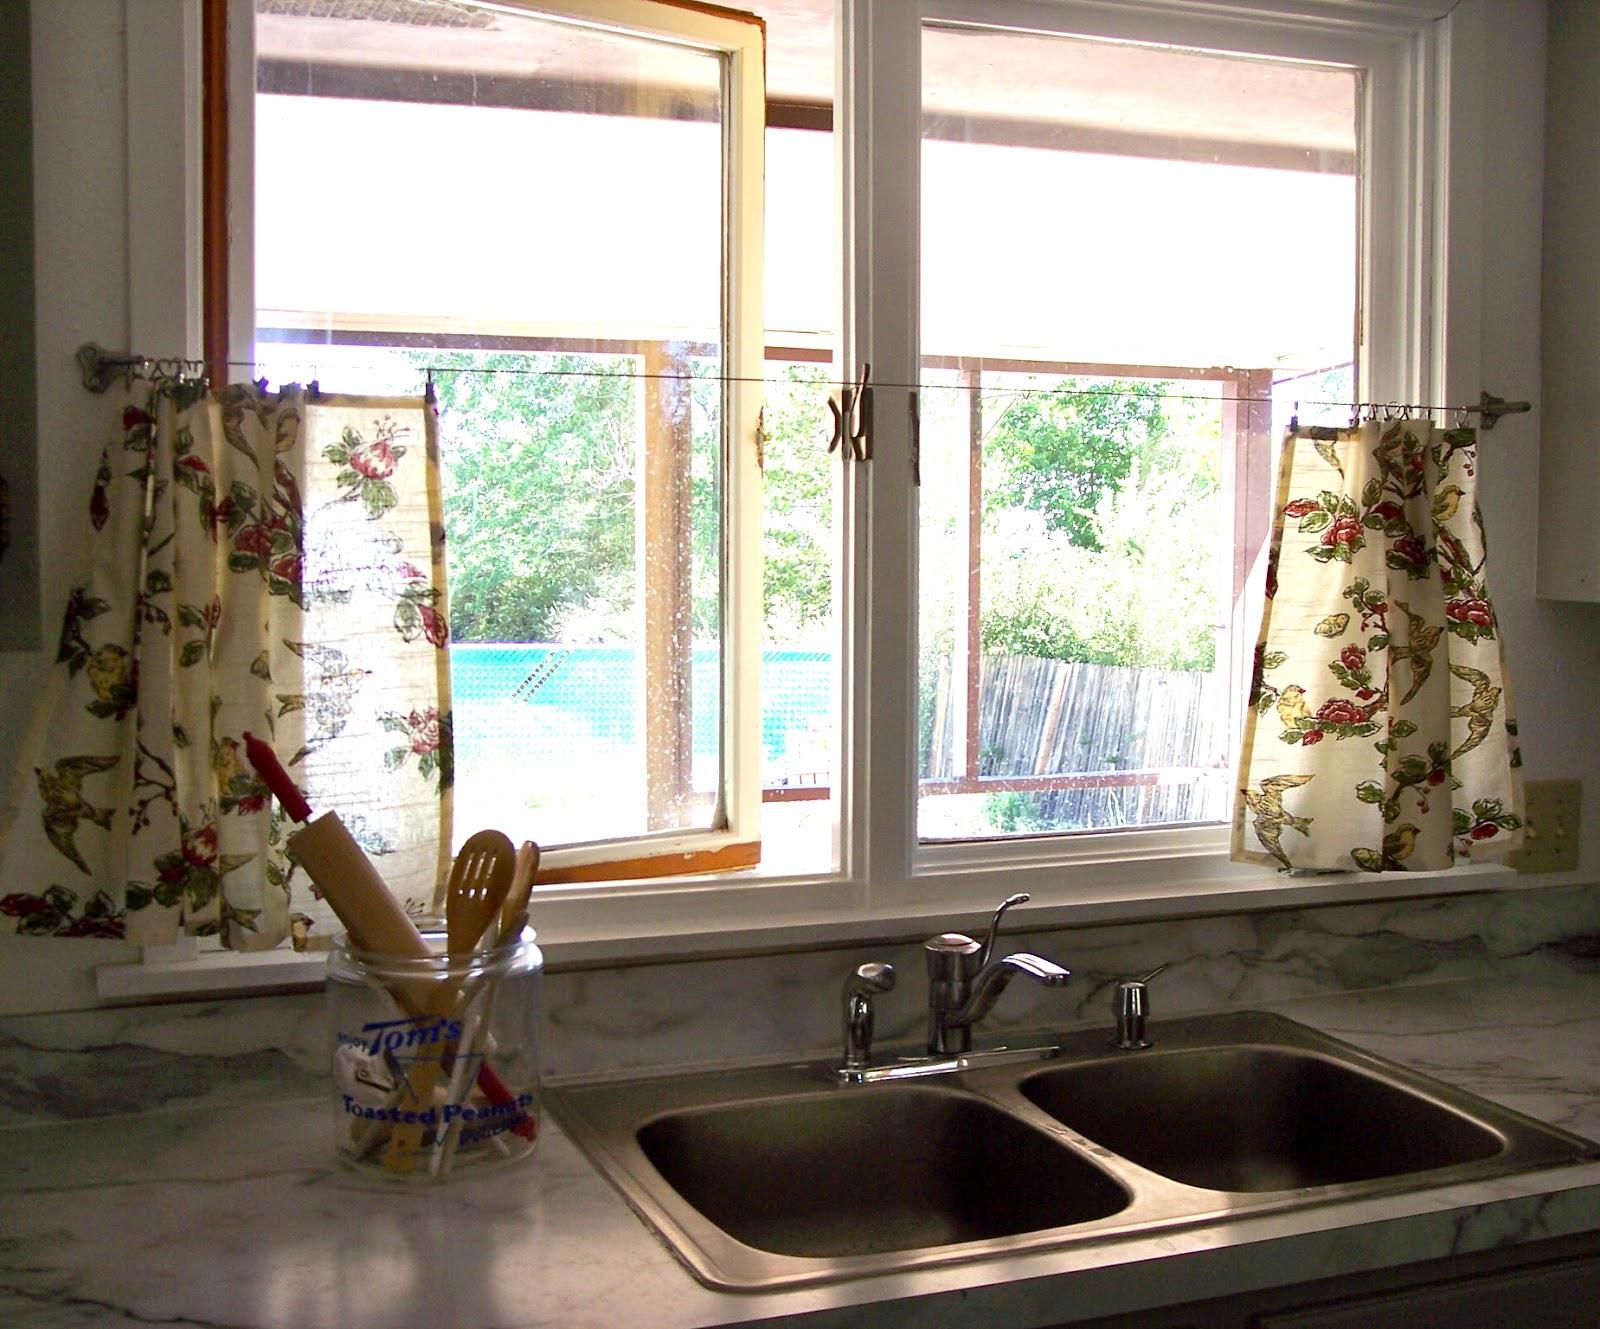 Full Size of Vorhänge Küche Kurze Vorhänge Küche Blickdichte Vorhänge Küche Vintage Vorhänge Küche Küche Vorhänge Küche